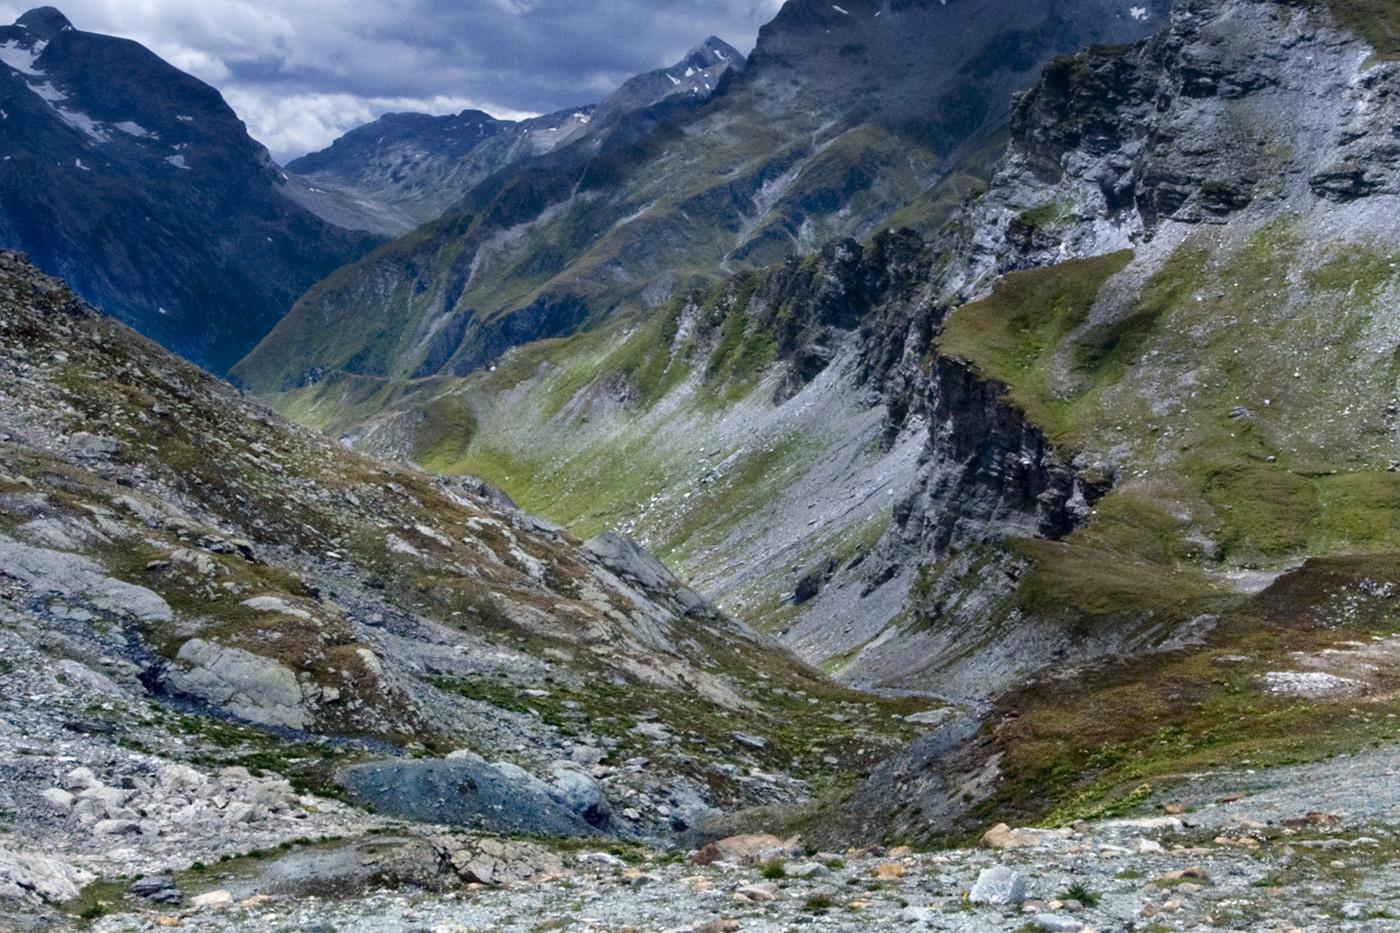 Wanderung Bergell © Valerie Chetelat